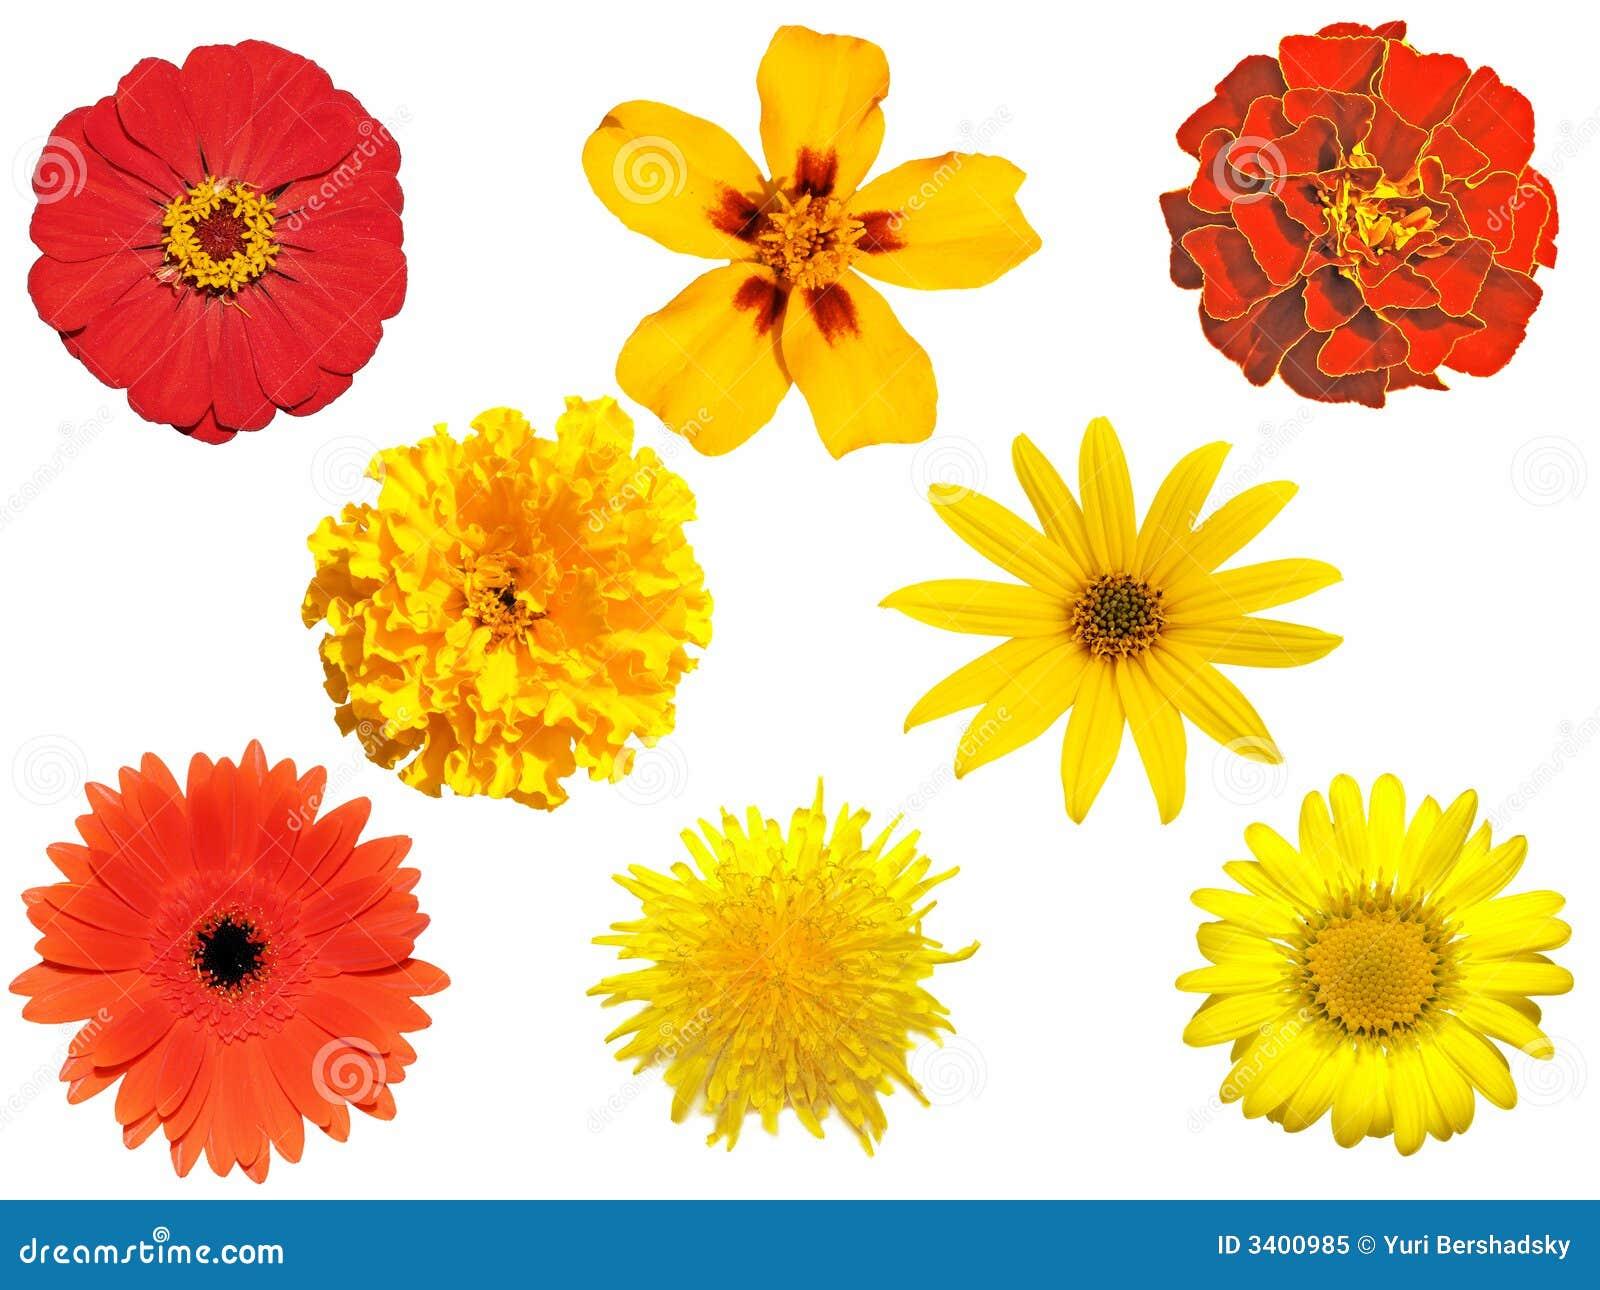 Isolated Flowers Stock Image. Image Of Close, Botanic